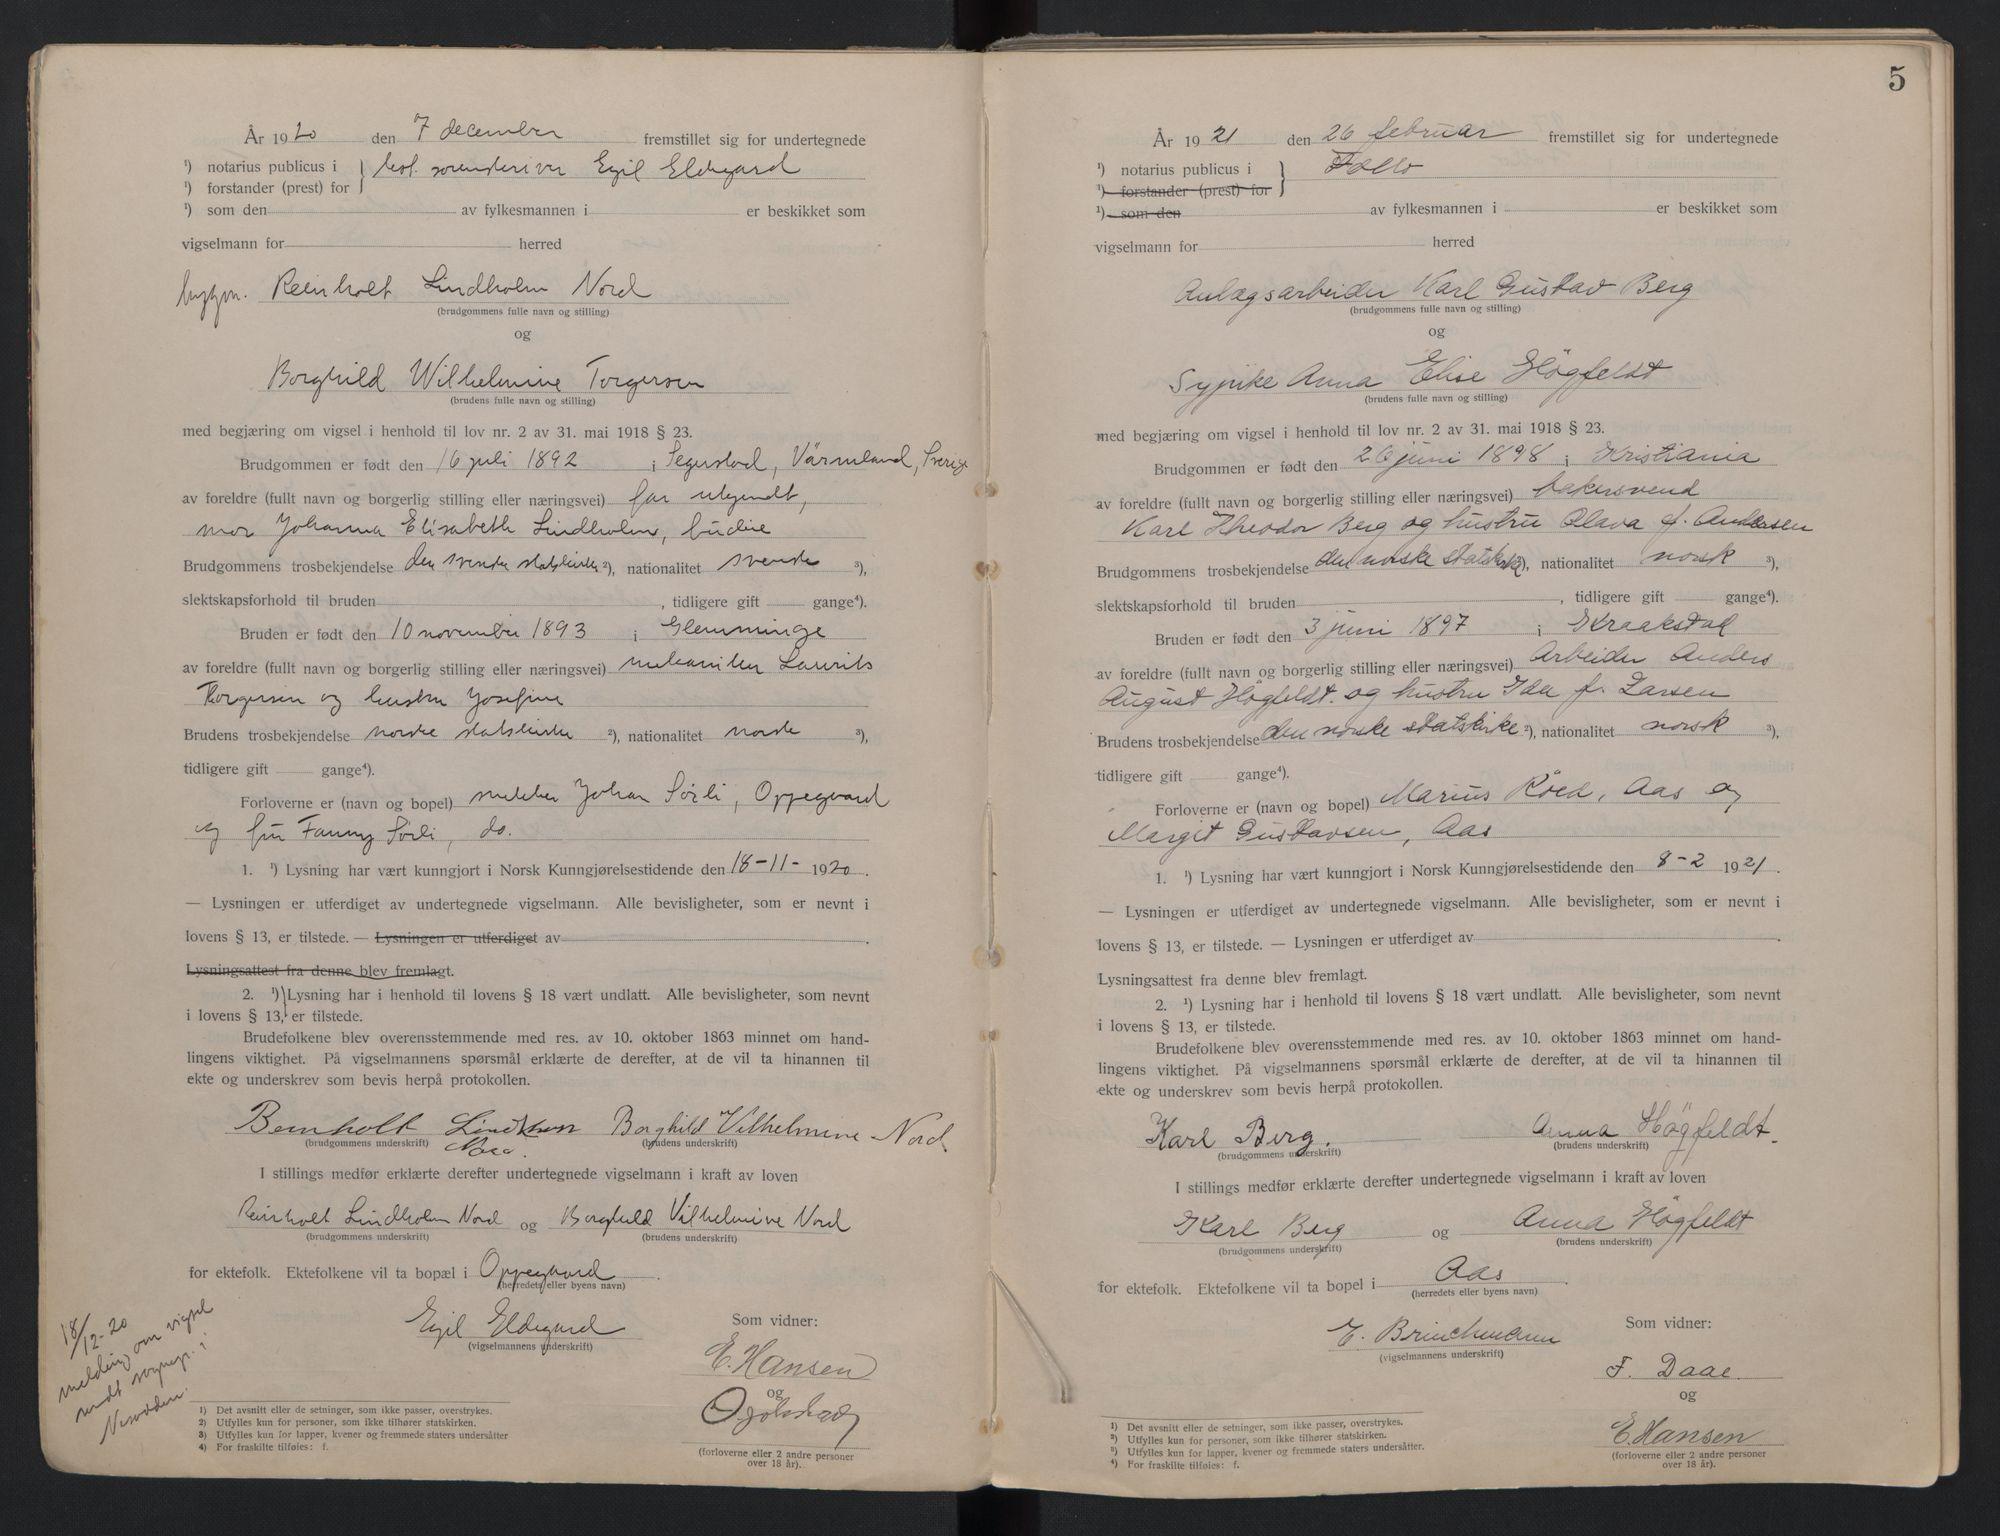 SAO, Follo sorenskriveri, L/La/Lab/L0001: Vigselsbok, 1920-1942, s. 5